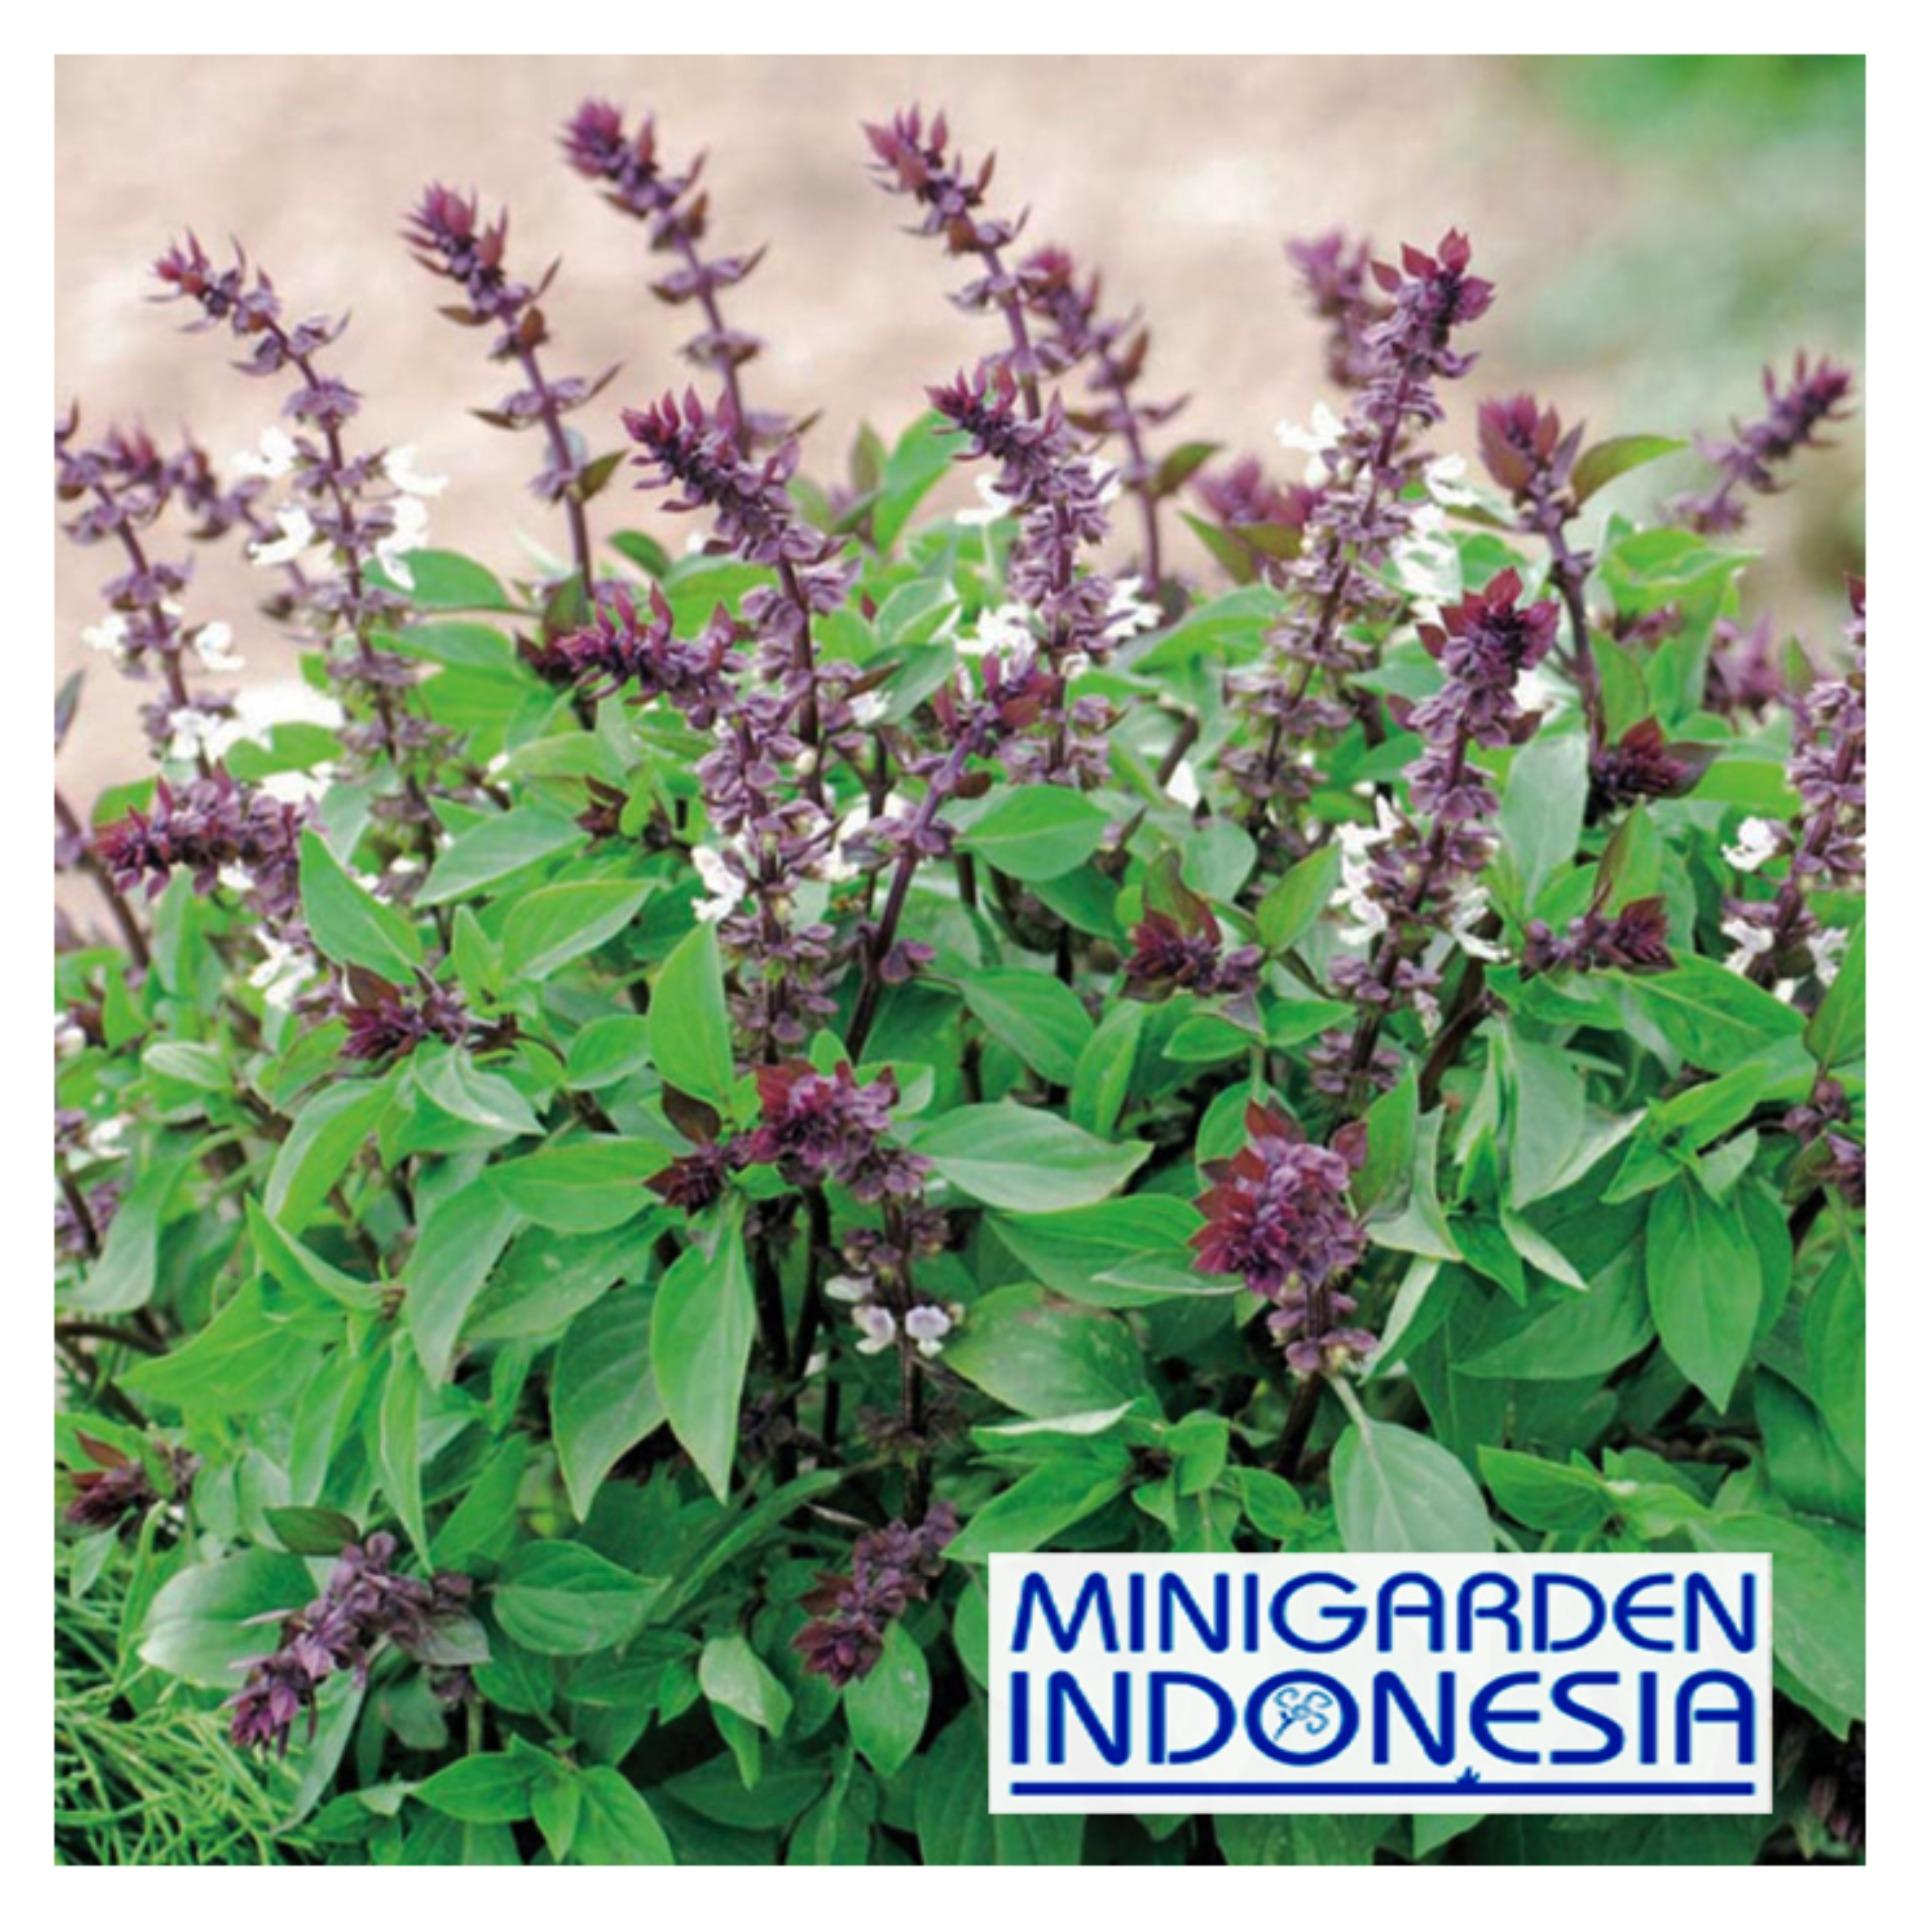 Harga preferensial 25 Benih Basil Thai F1 Mr Fothergills Bibit Tanaman Obat Herb Herbal beli sekarang - Hanya Rp4.530